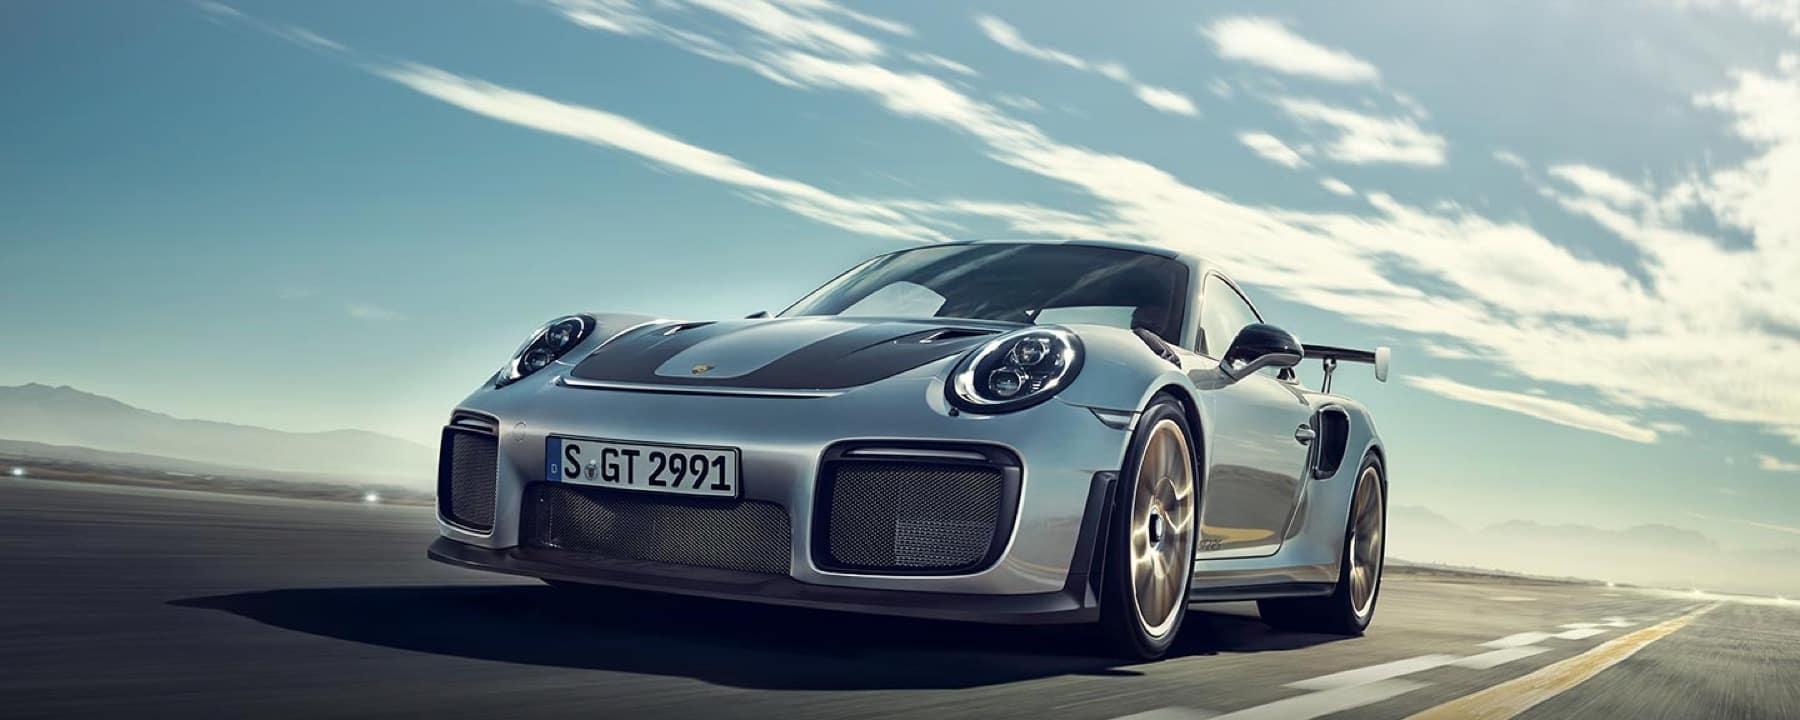 Porsche_Sustainability